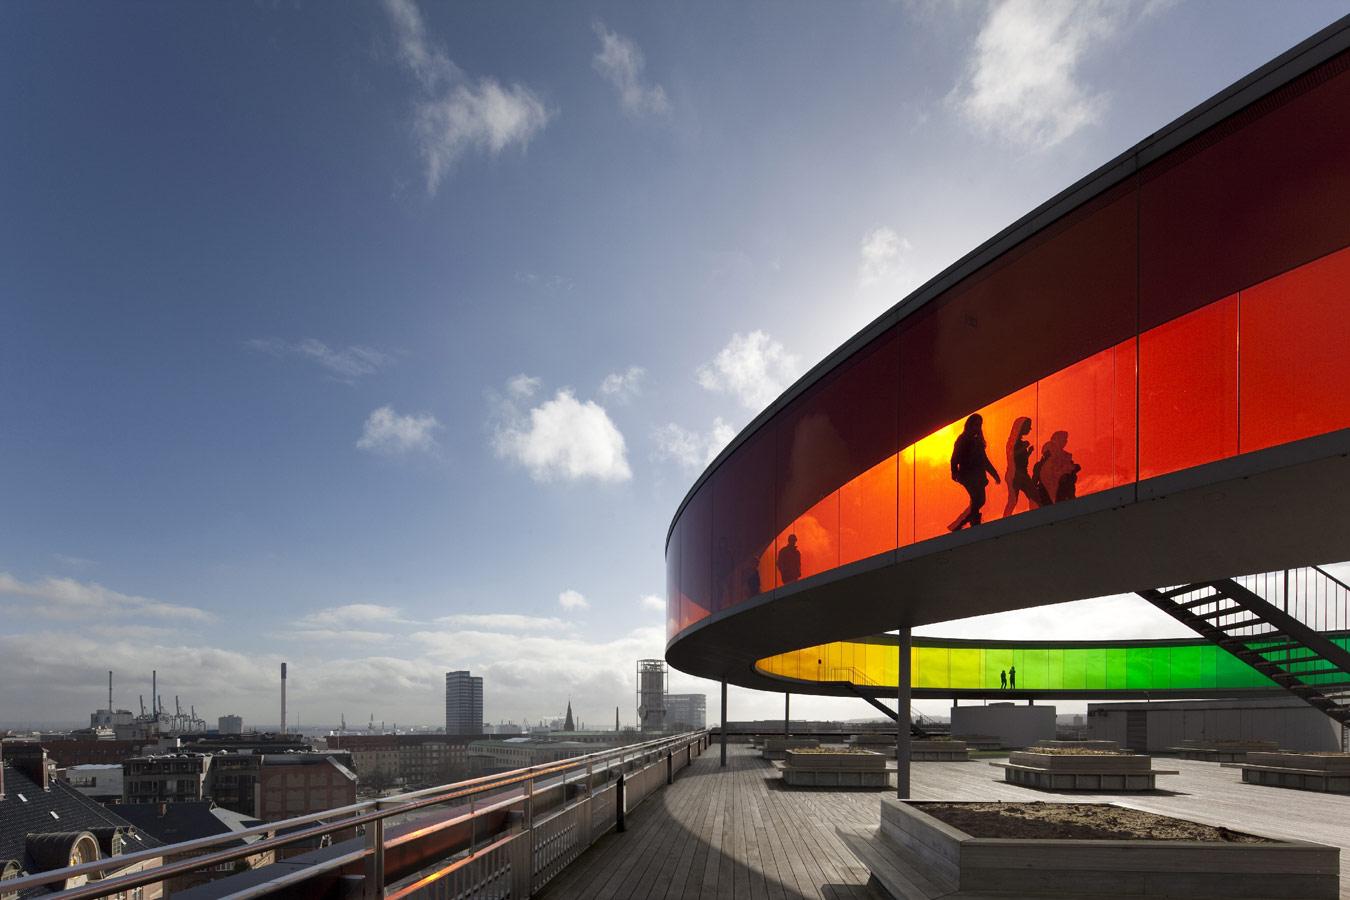 © Дэвид Борланд (David Borland), Художественный музей ARoS в Орхусе (Дания). Архитекторы: schmidt hammer lassen / Olafur Eliasson, Конкурс «Архитектурная фотография»